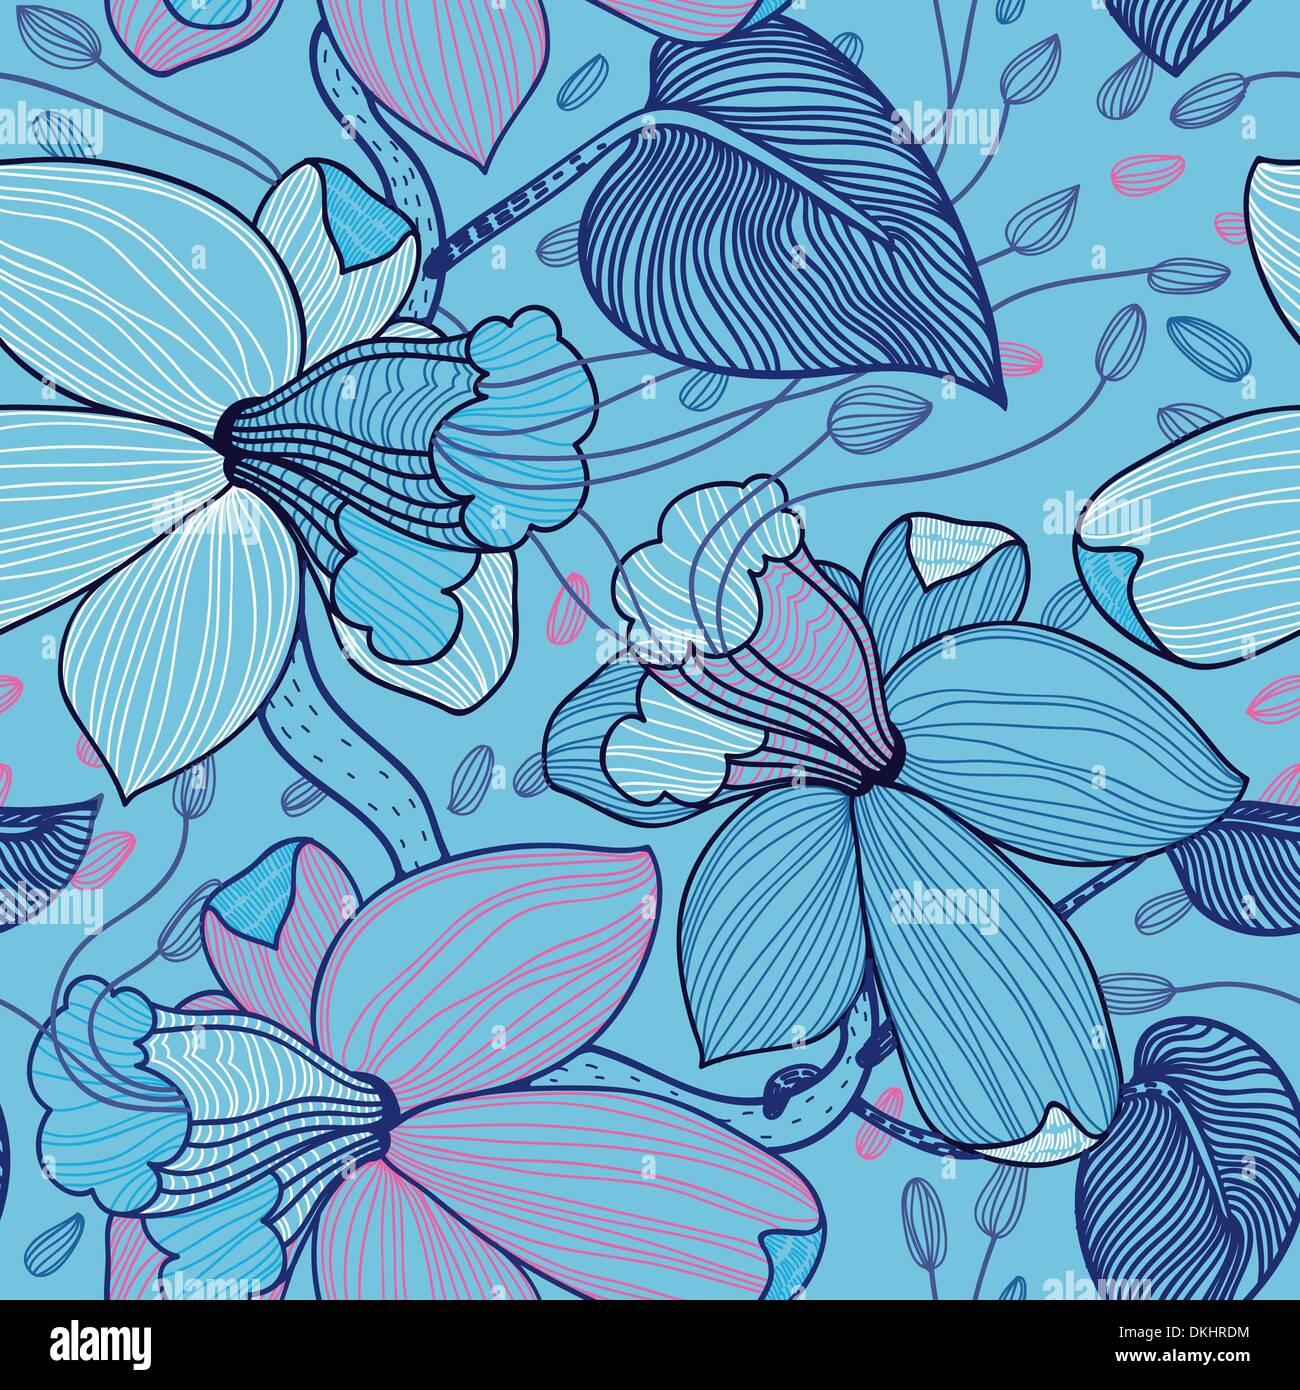 Vektor floral nahtlose Muster Stockbild